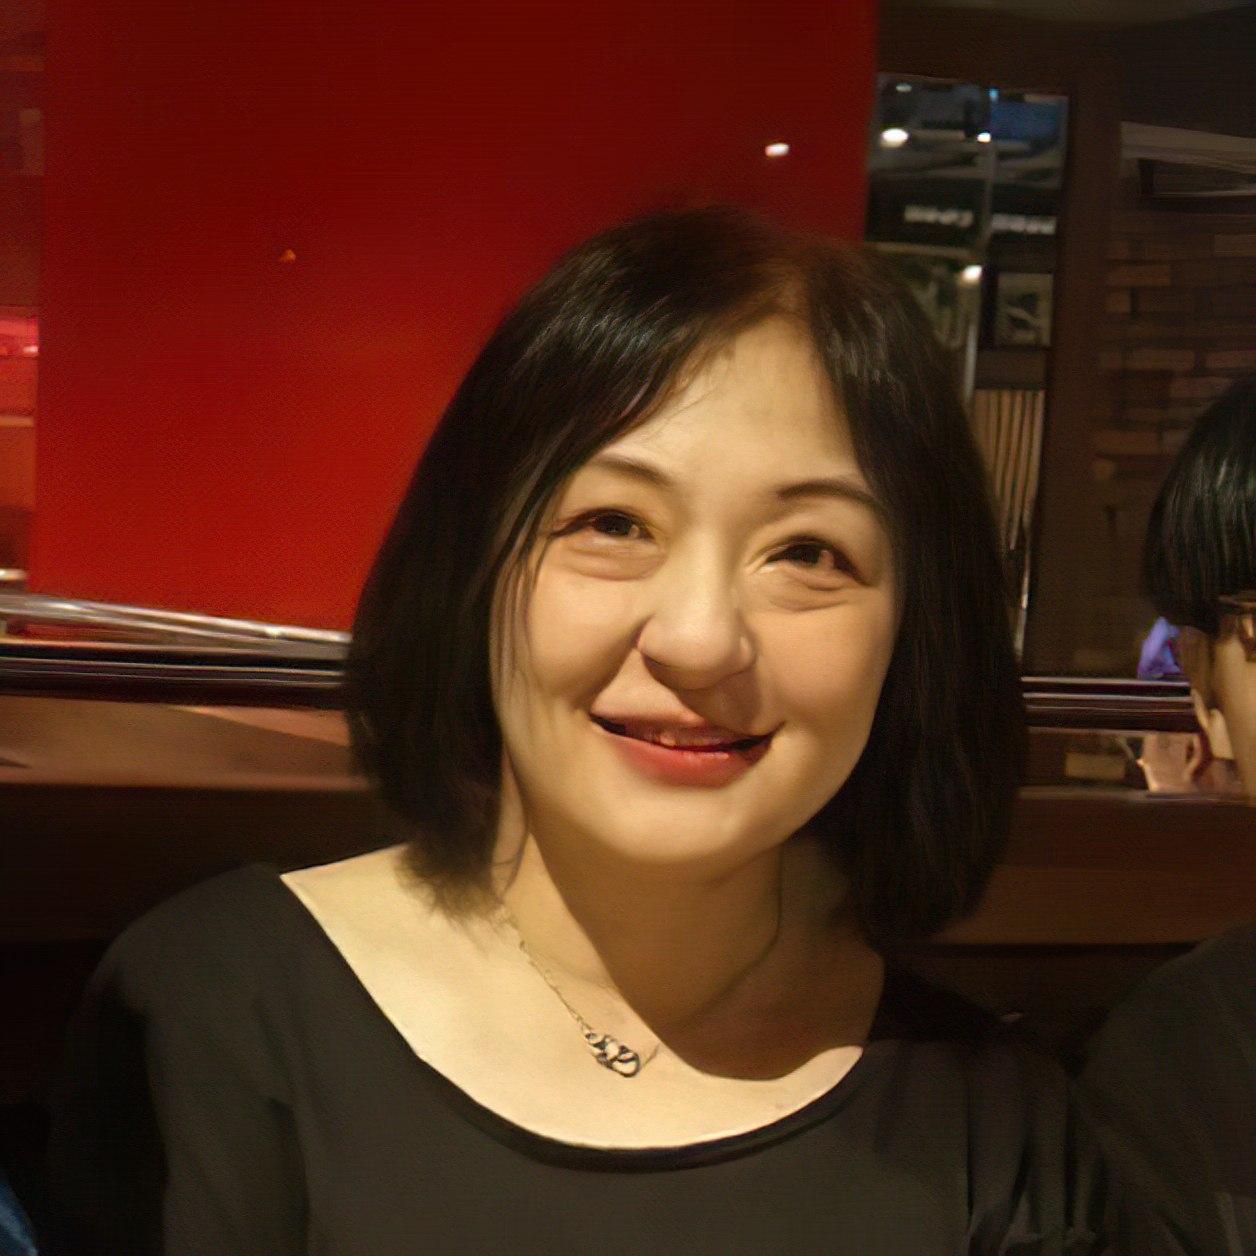 Lo-Ying Wu